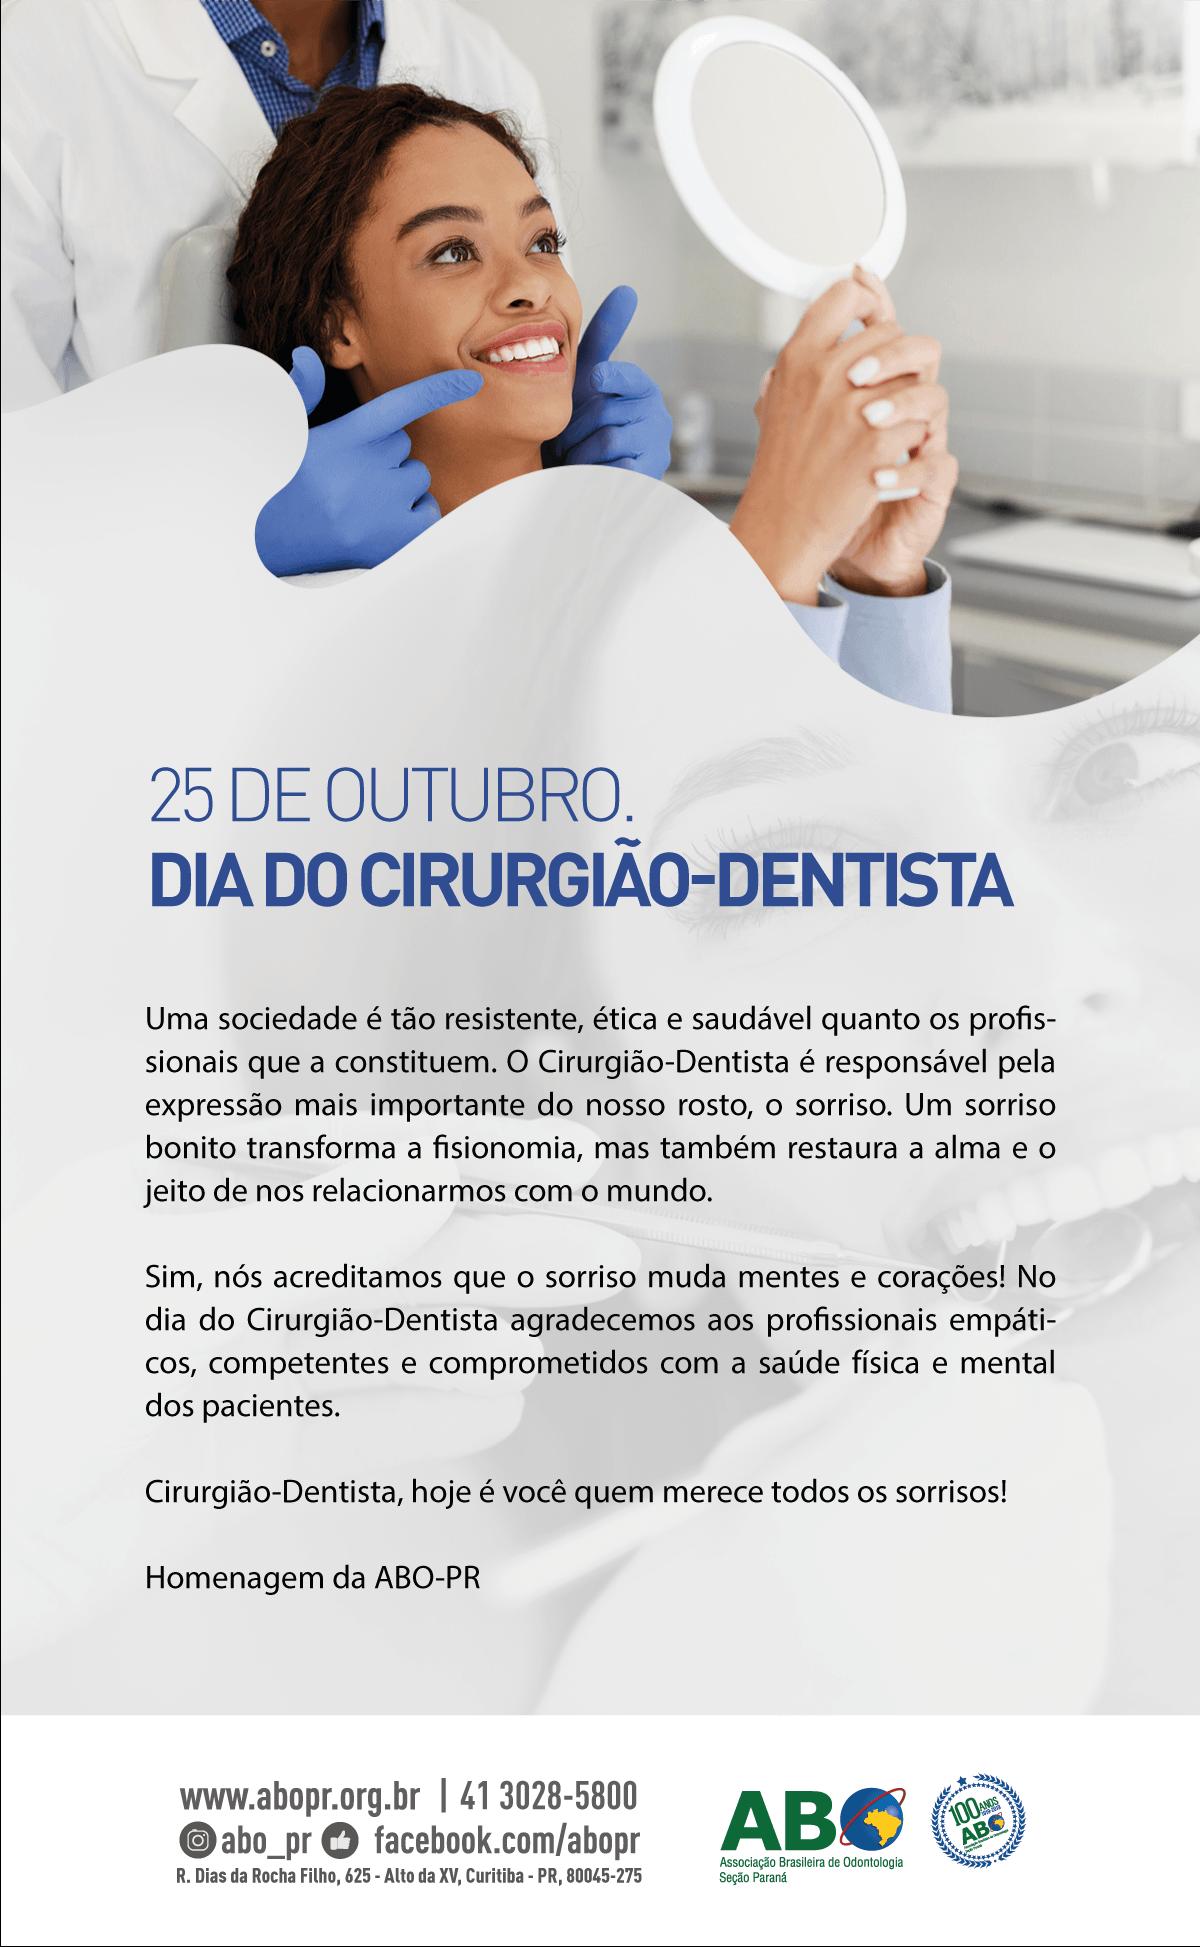 25 de outubro - Dia do Cirurgião-Dentista